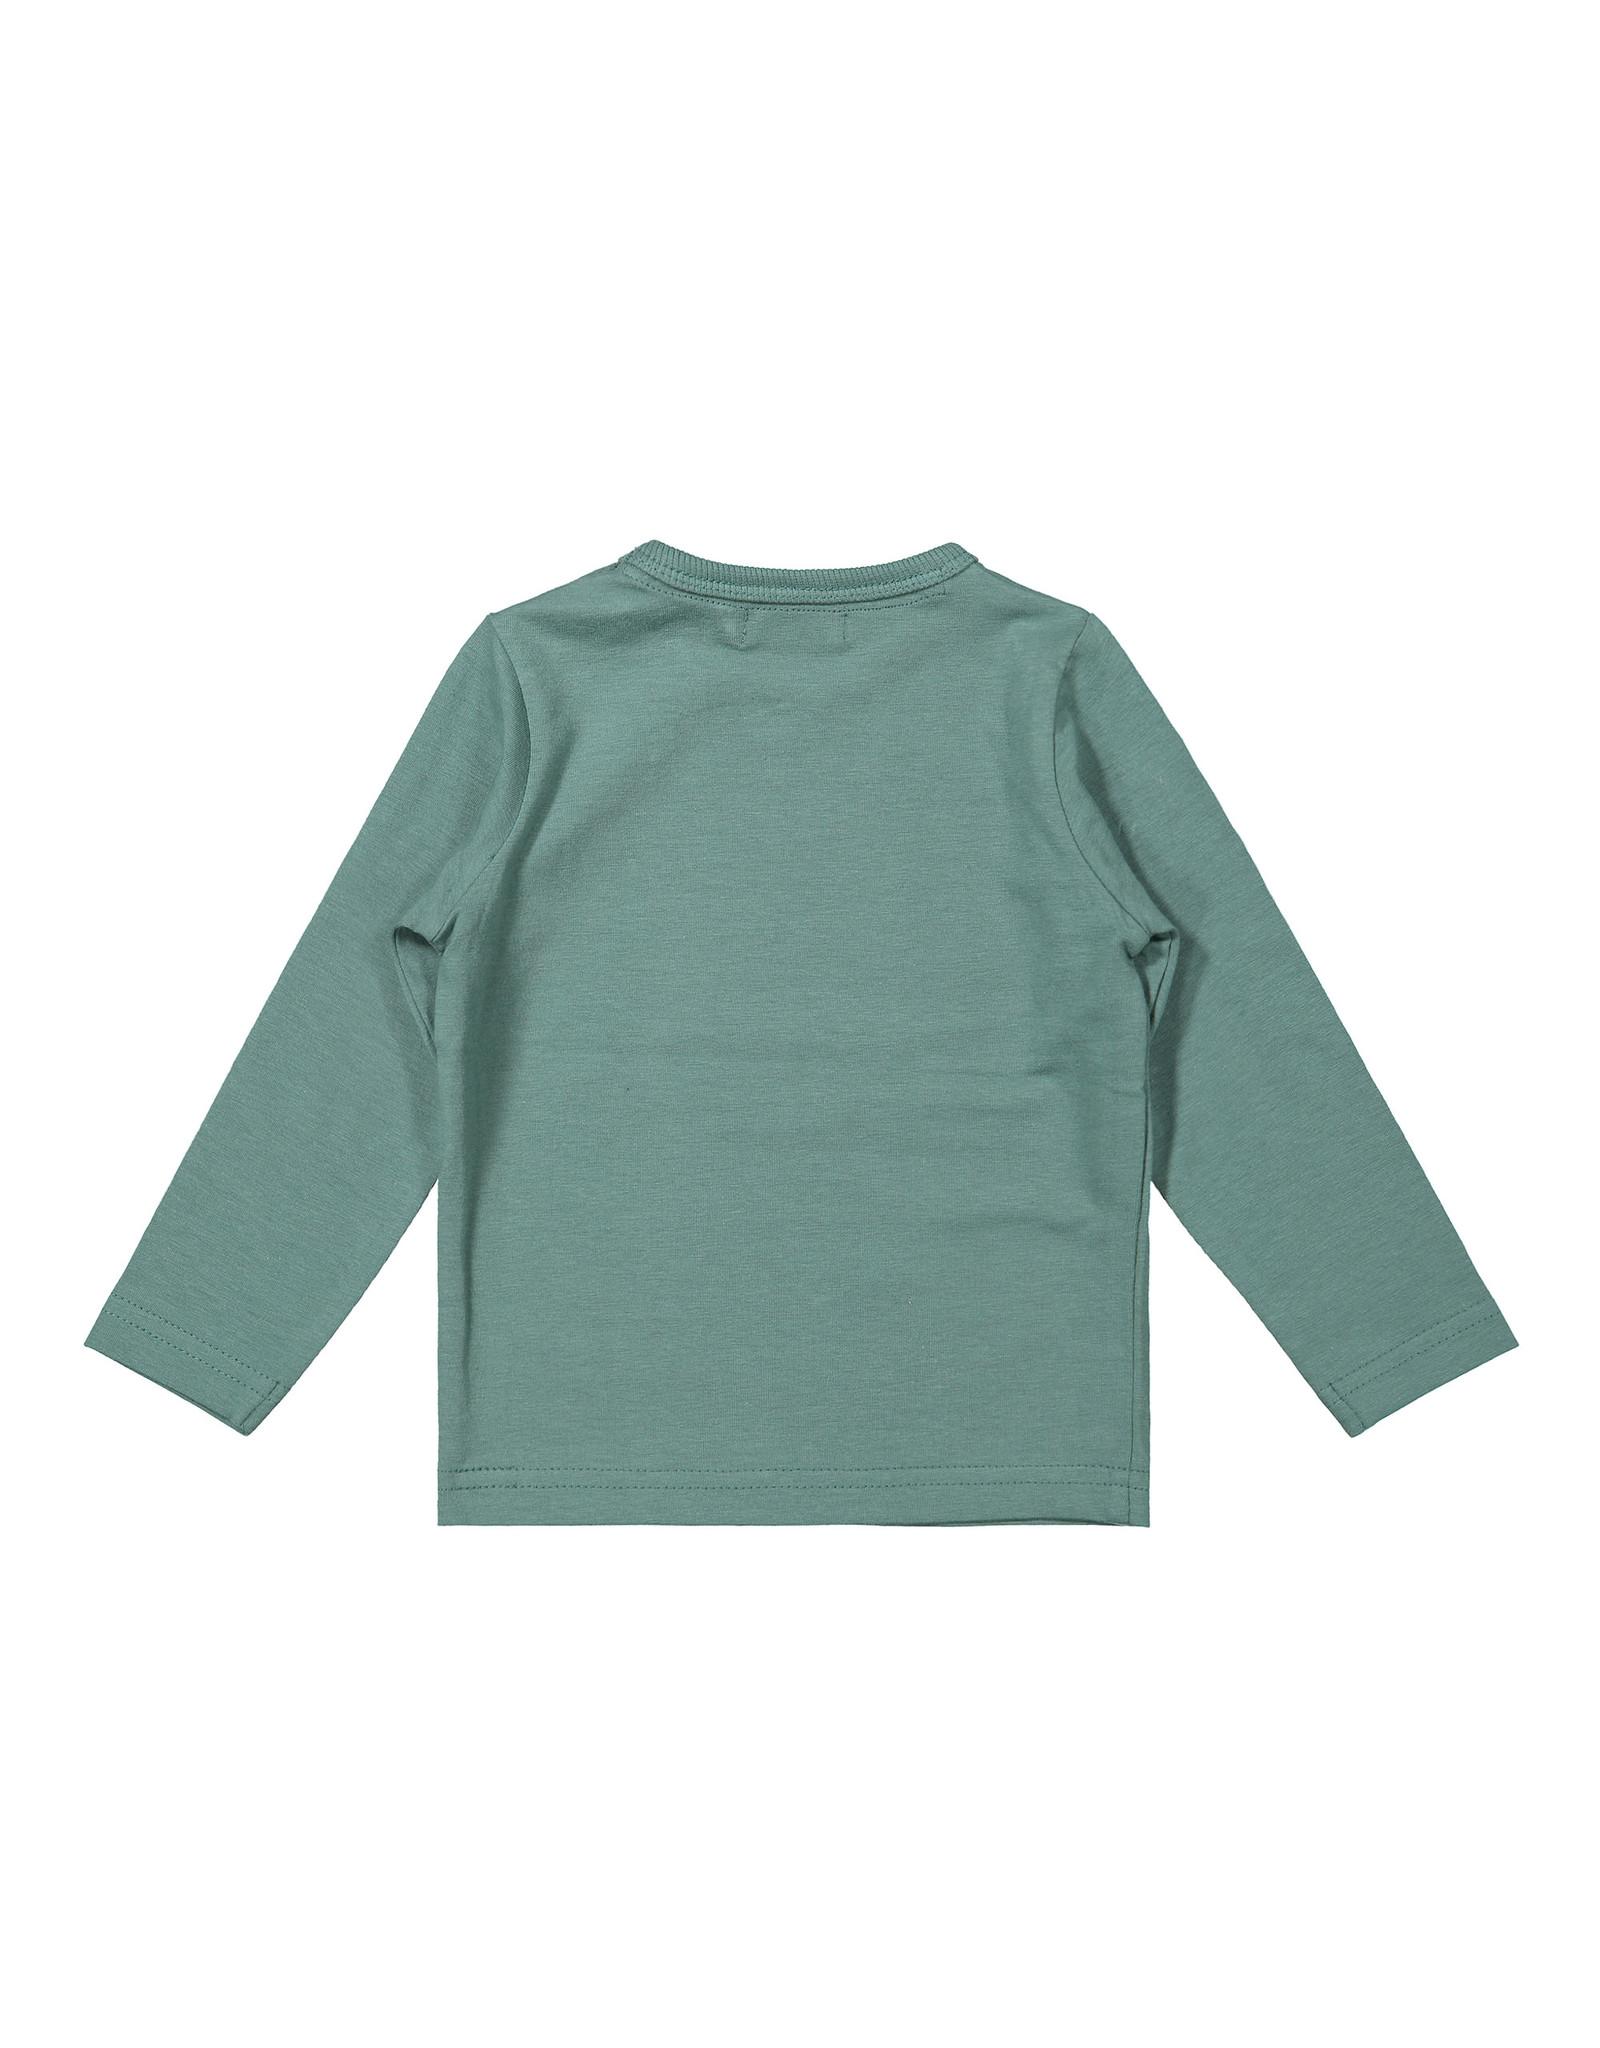 Dirkje Dirkje baby jongens shirt Get Out Sage